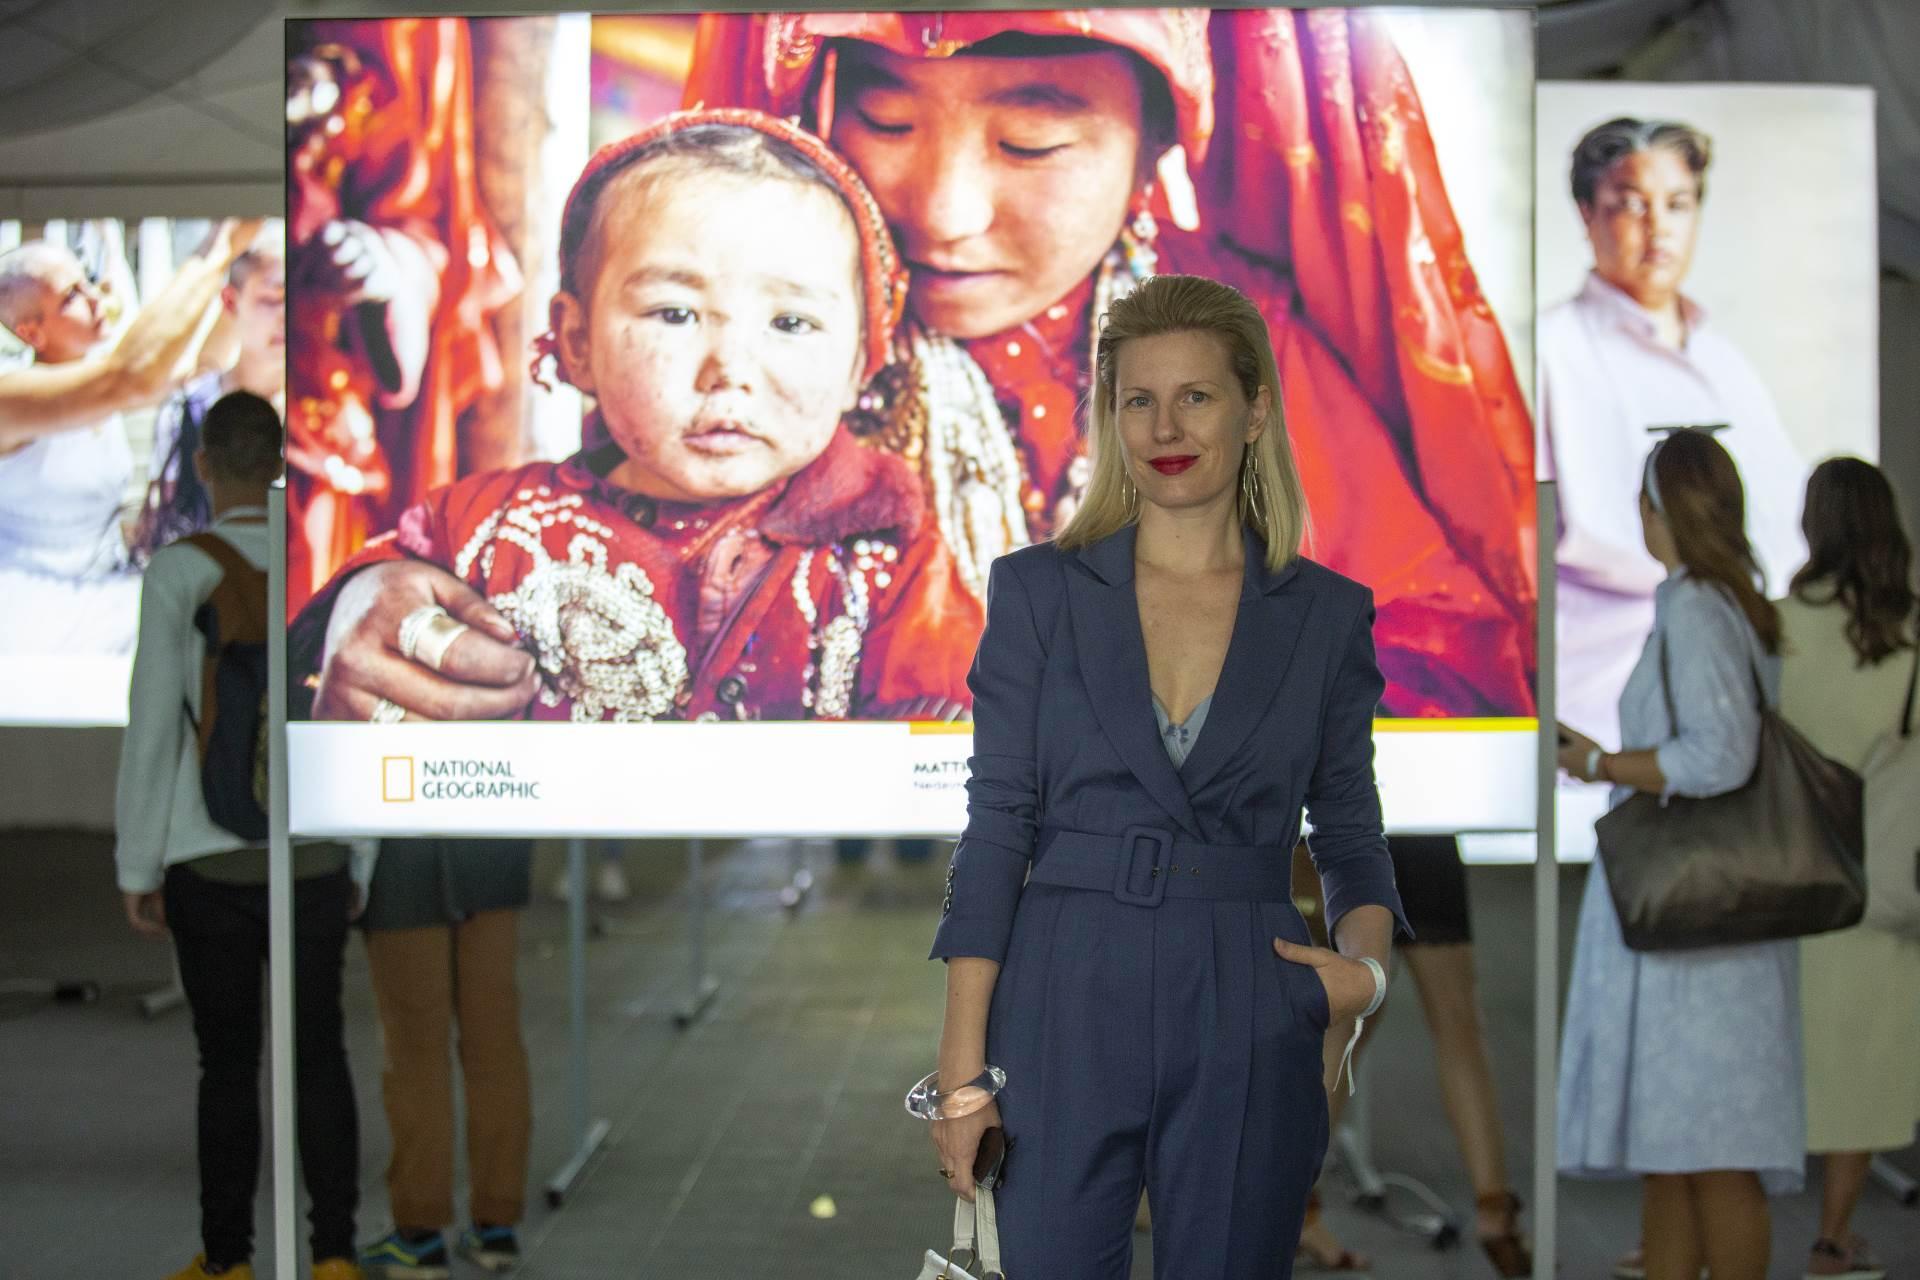 FOX Networks Group Hrvatska na ovogodišnjem Weekend Media Festivalu koji se održava u Rovinju od 19. do 21. rujna, organizira izložbu kojom slavi snažne, hrabre i ustrajne žene svih svjetskih kultura i naroda